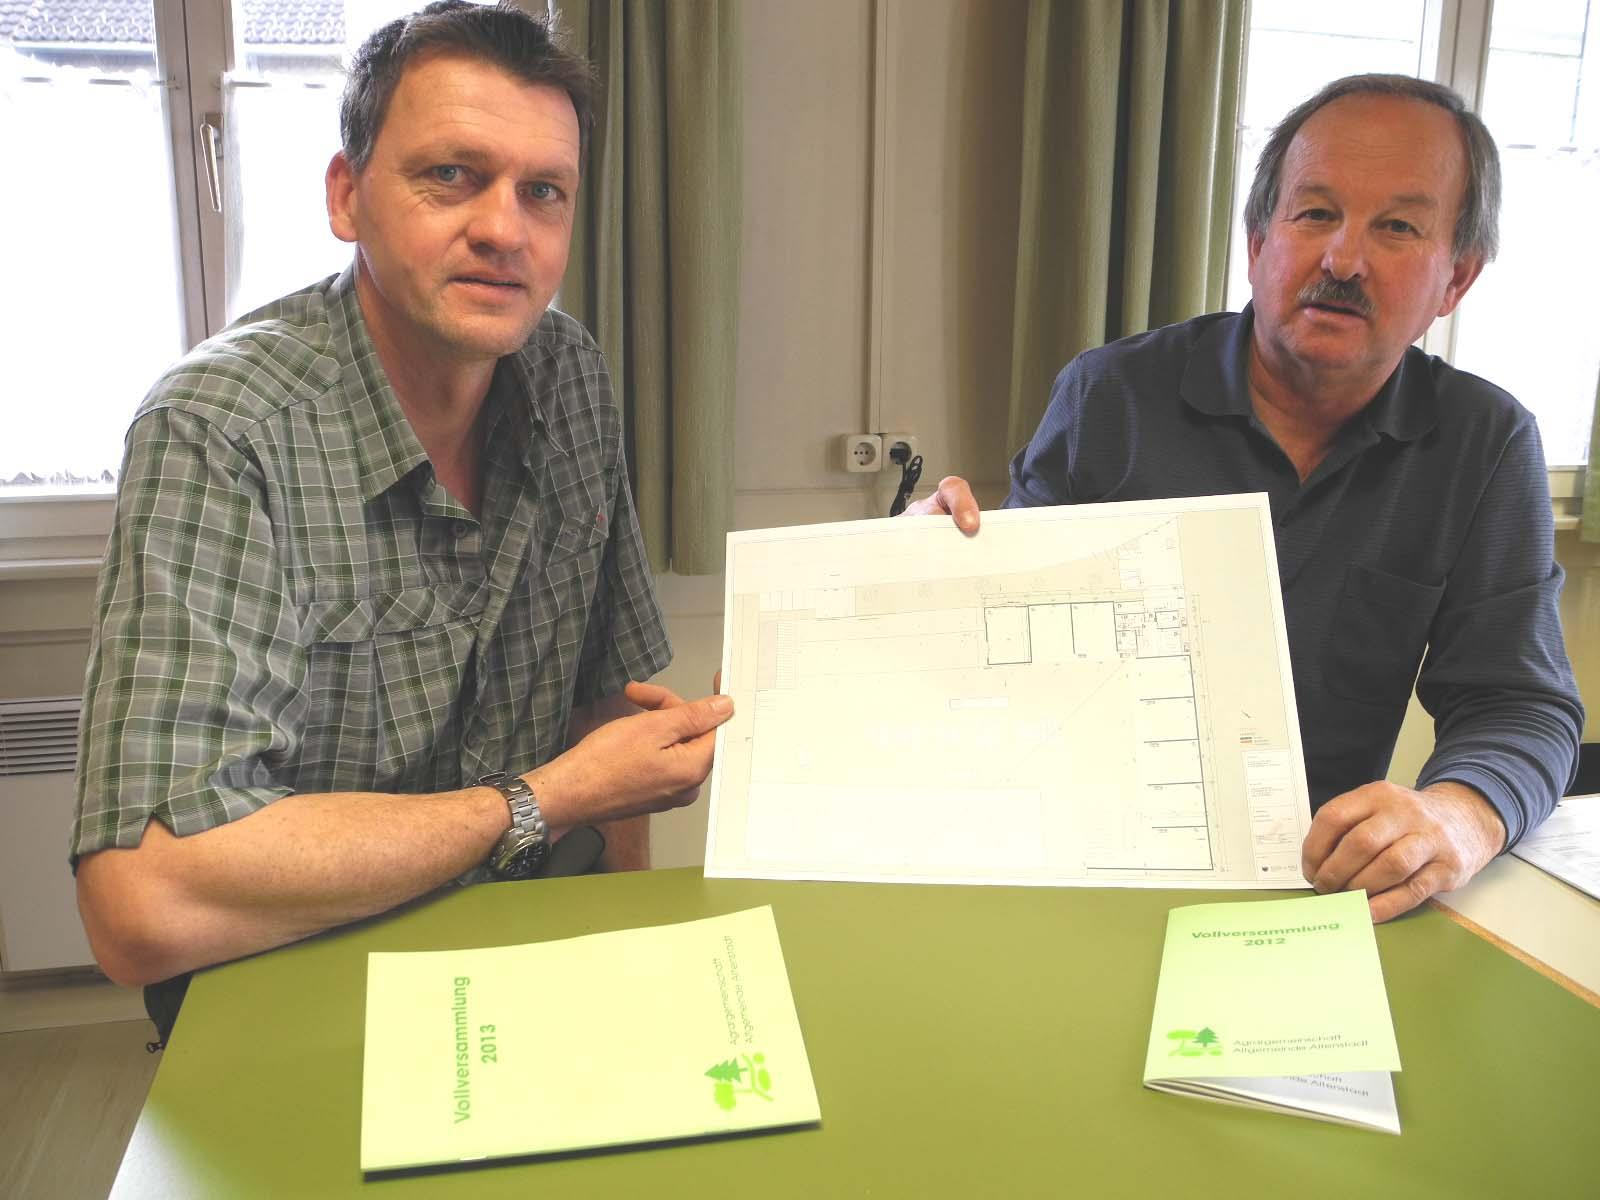 (l.) Die Förster Georg Fulterer und Lothar Nesensohn zeigen die Baupläne für den neuen Forsthof mit der Hackschnitzelanlage